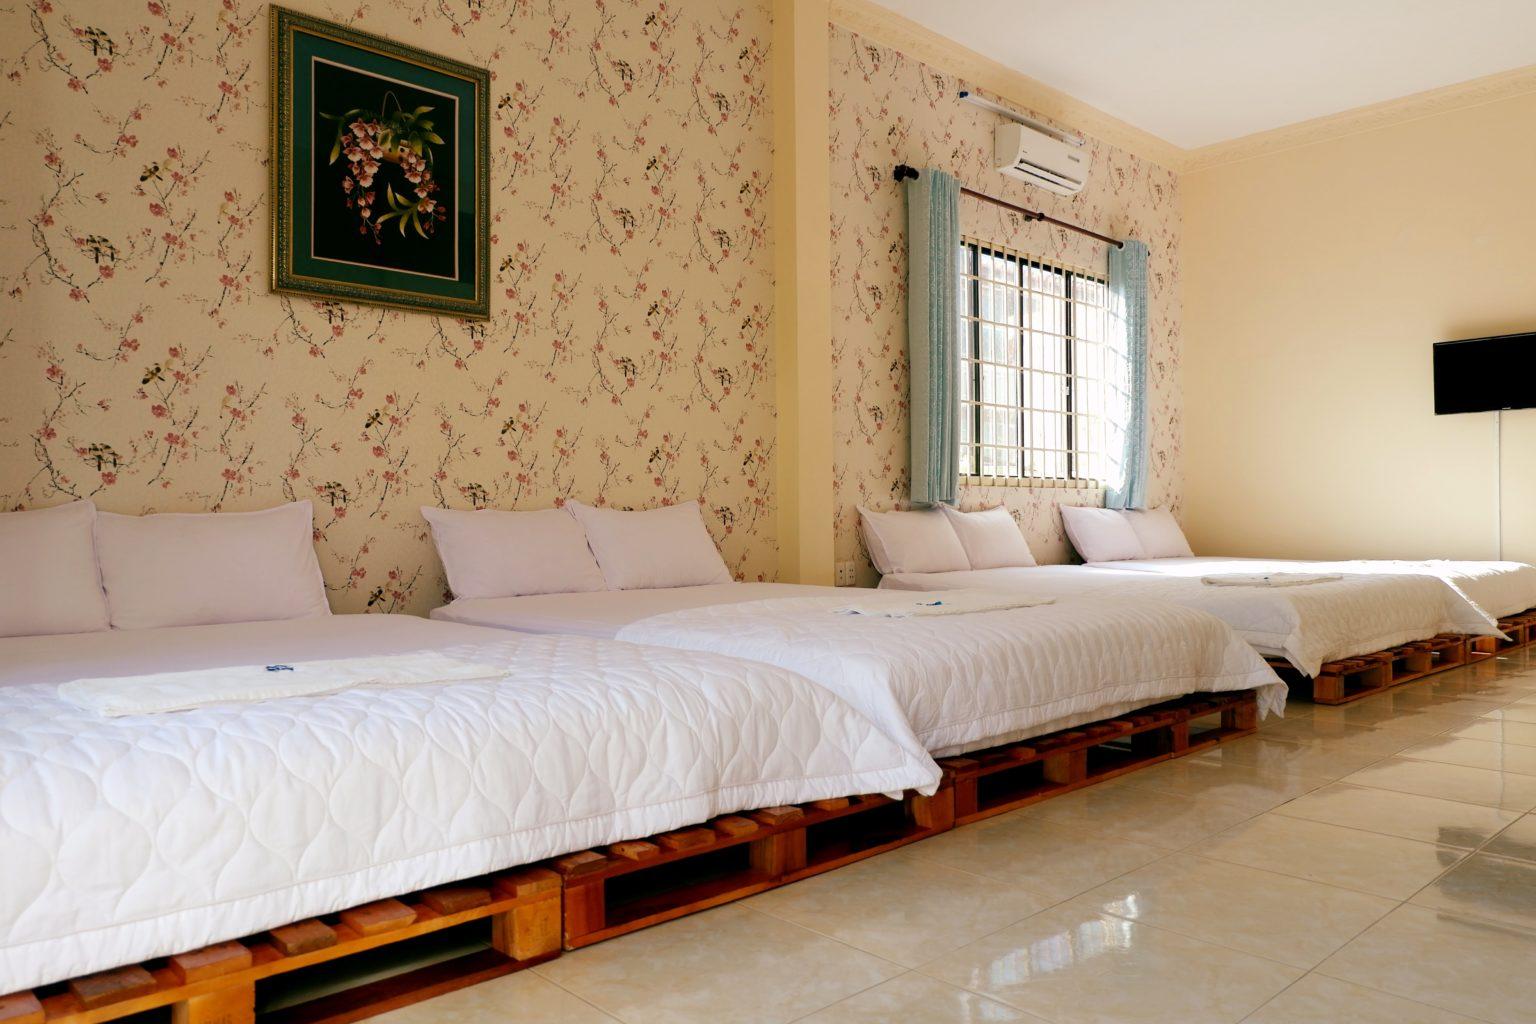 phong tap the biet thu vung tau ali 2 rong 60m2, co the su dung cho 10 nguoi, rong rai, thoang mat, toilet rieng bon tam dung.